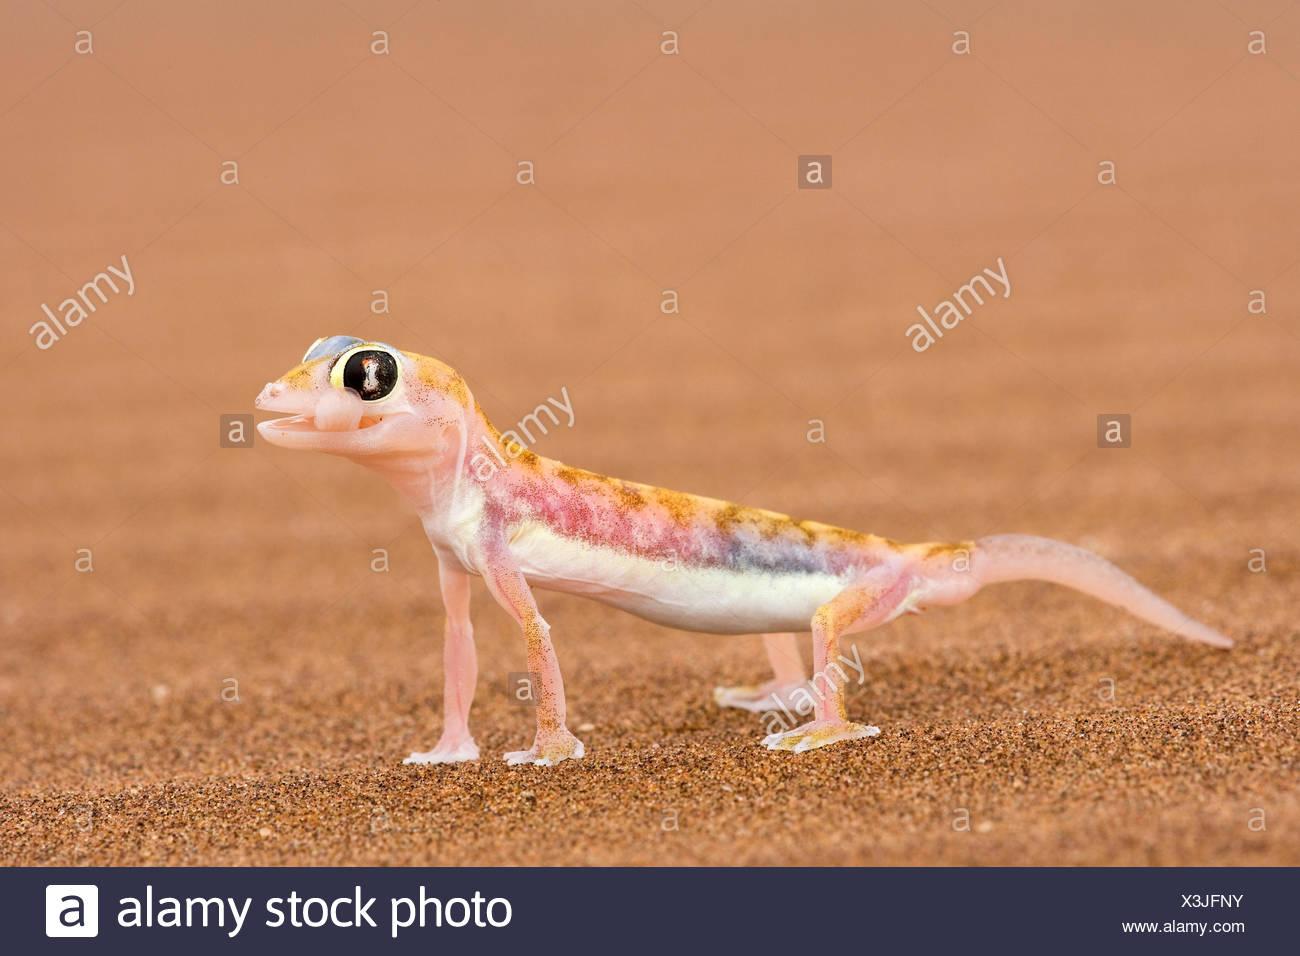 Footed Gecko (Palmatogecko Rangei) Sand Schwimmfüße Hilfe läuft über feinen Sand große, Birne-wie dunklen braunen und roten Augen vert Stockbild